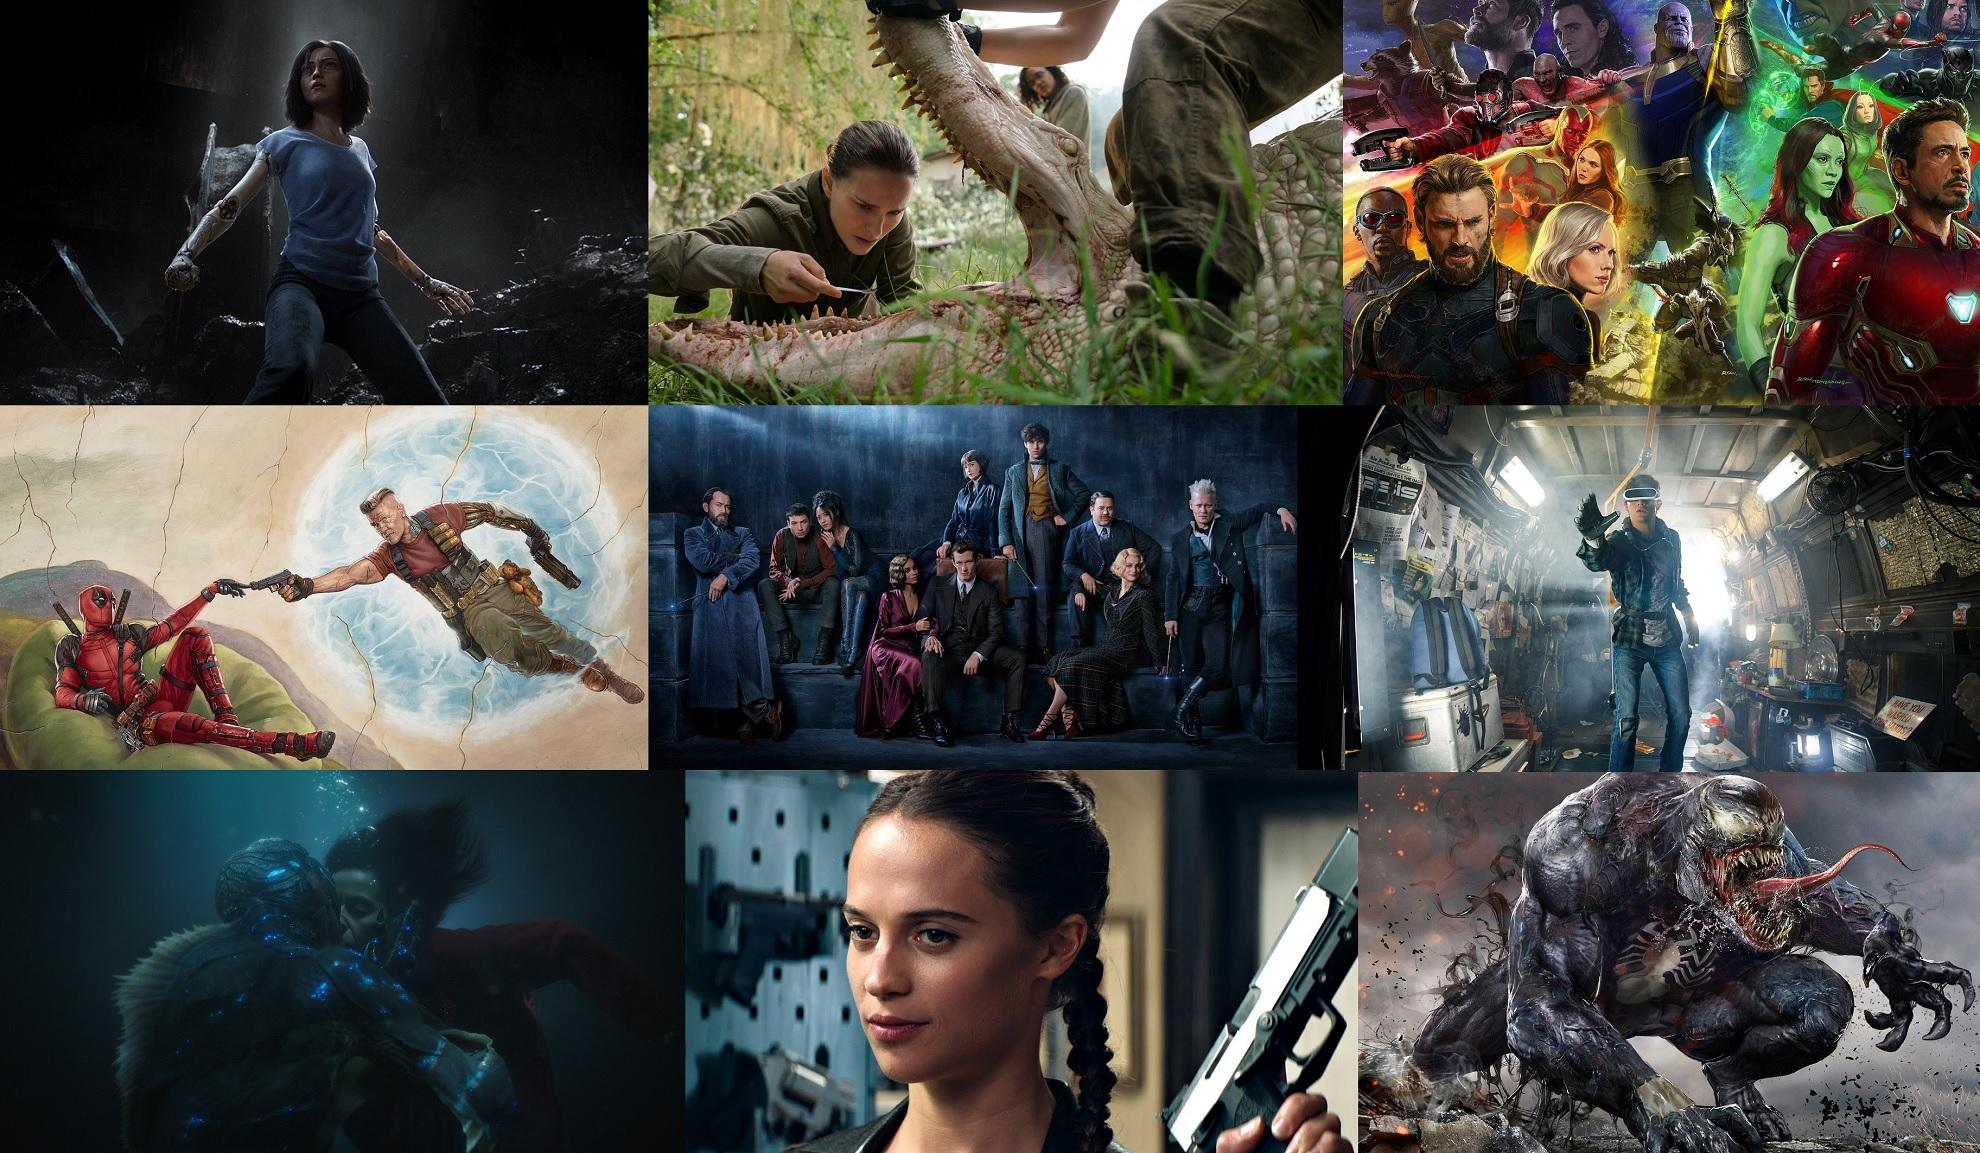 Смотреть кино фильмы онлайн бесплатно, фильмы в хорошем